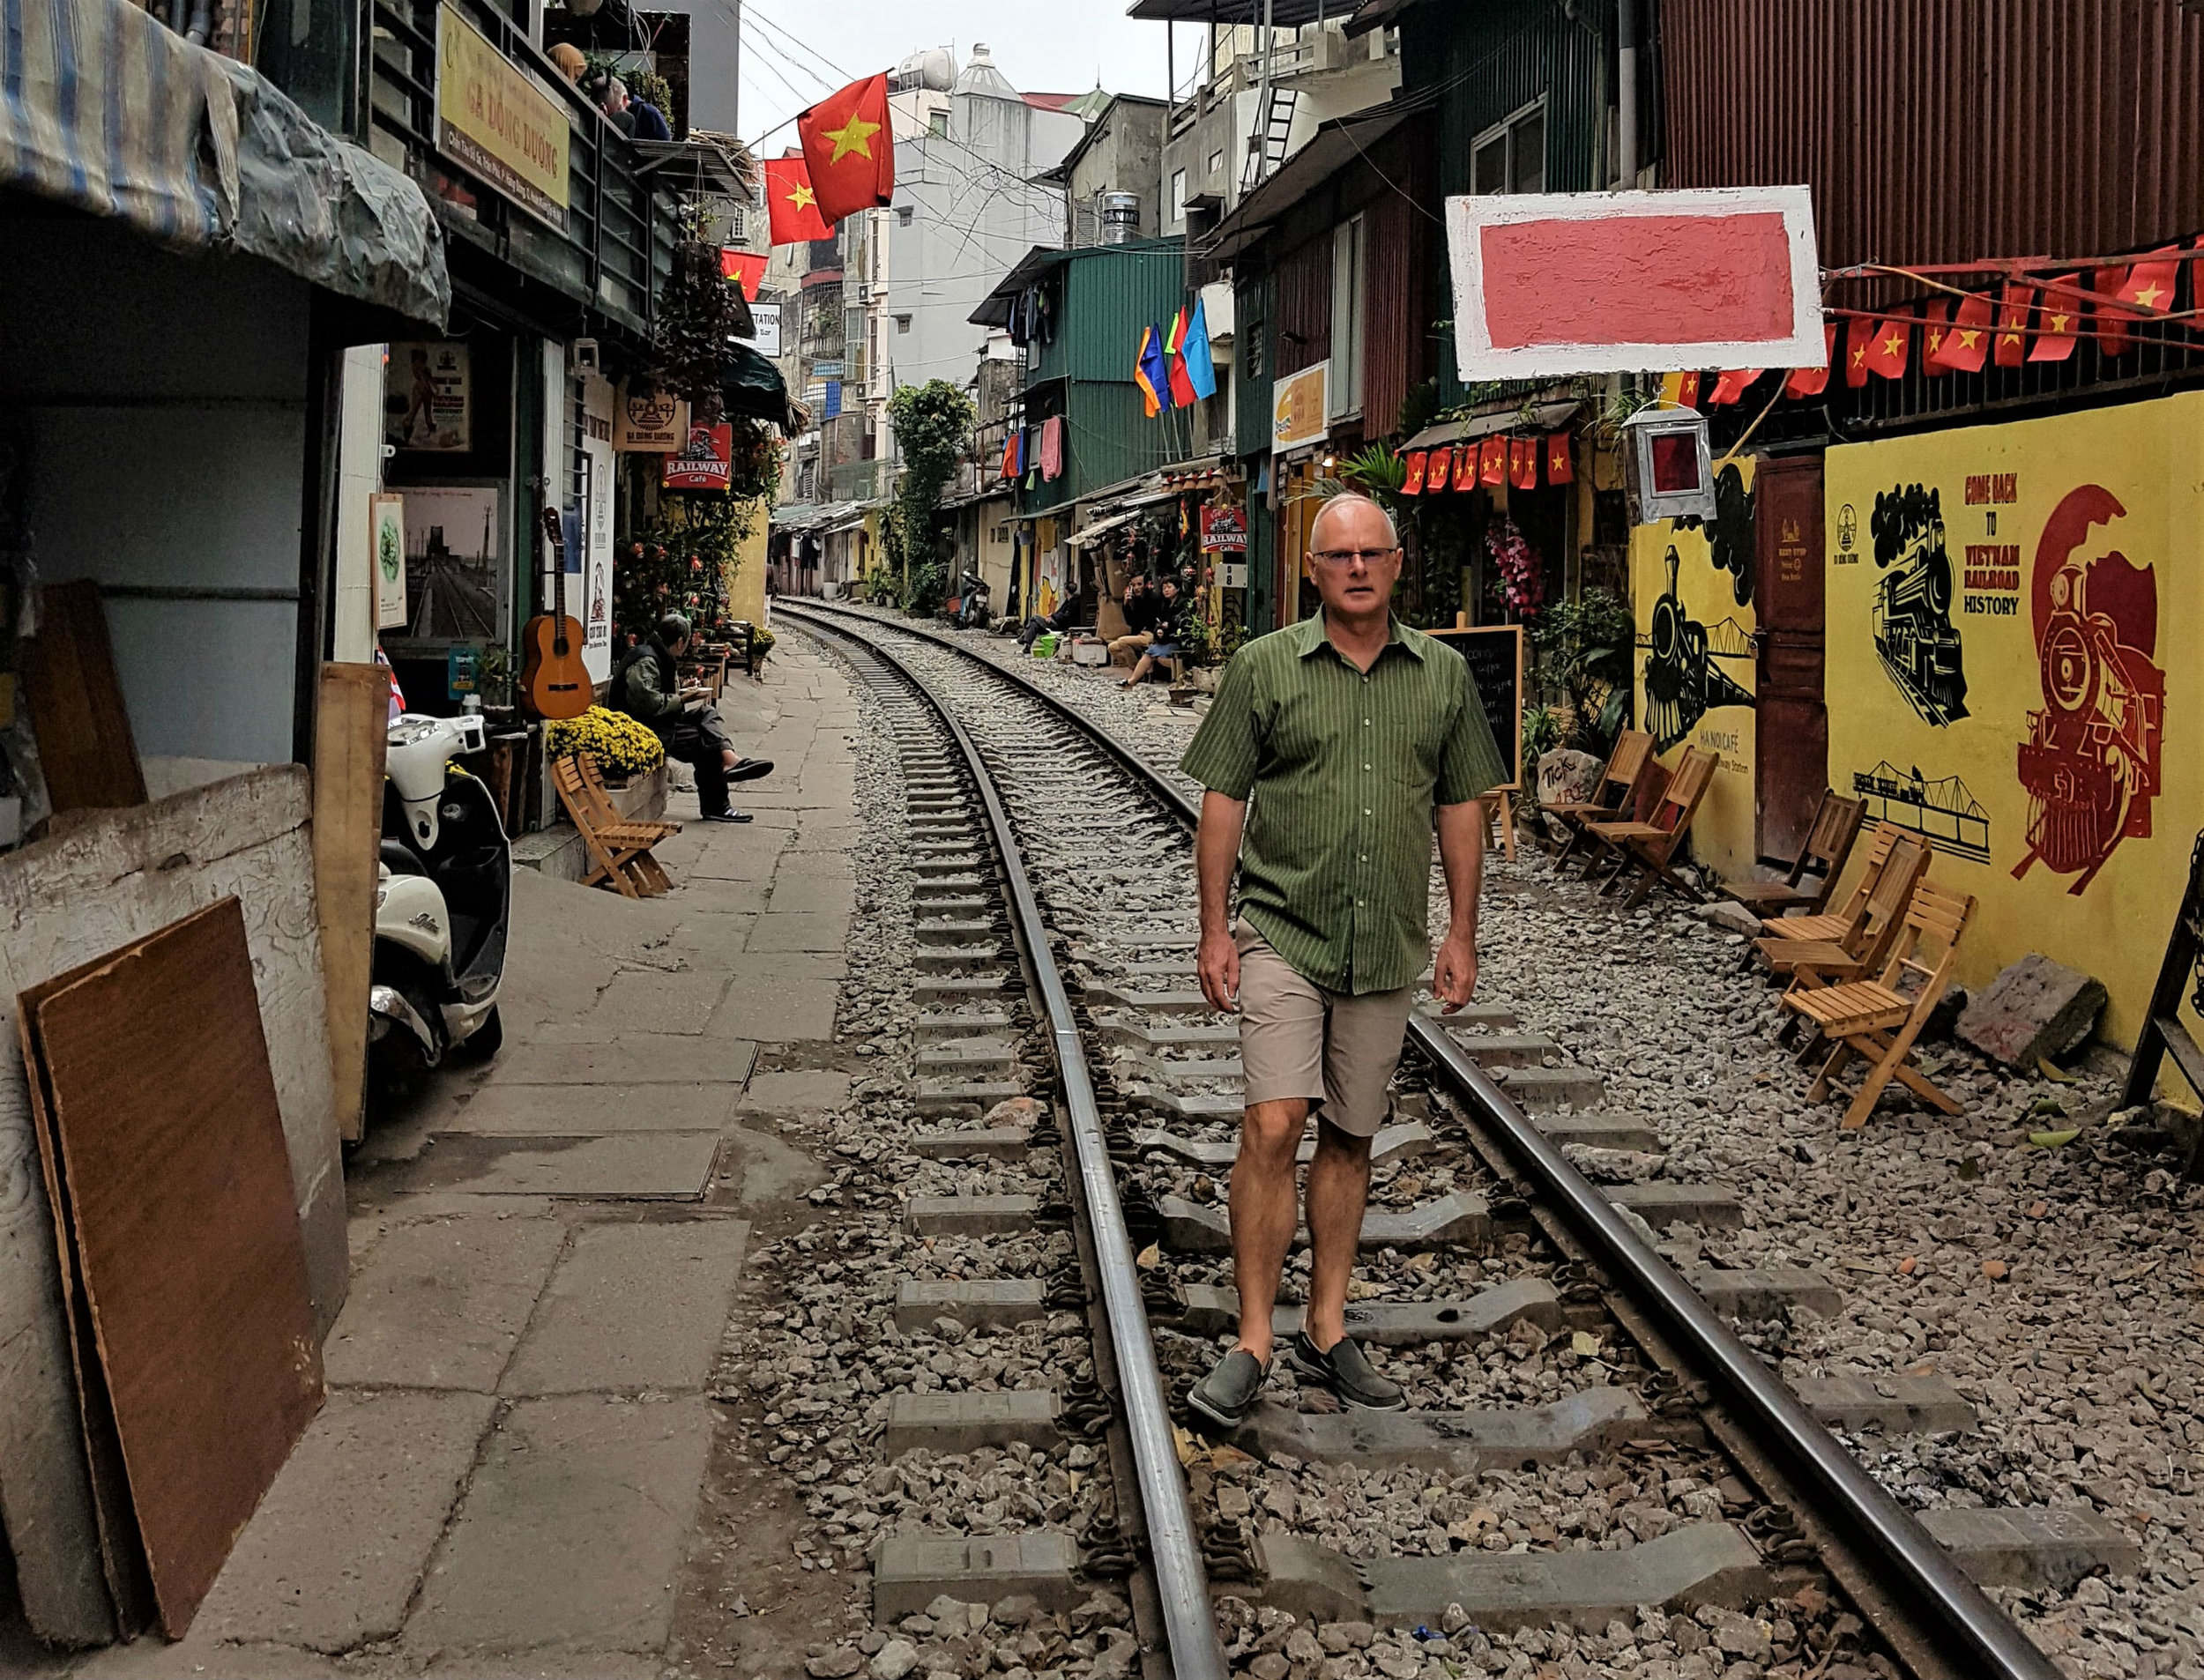 Main railway track to China